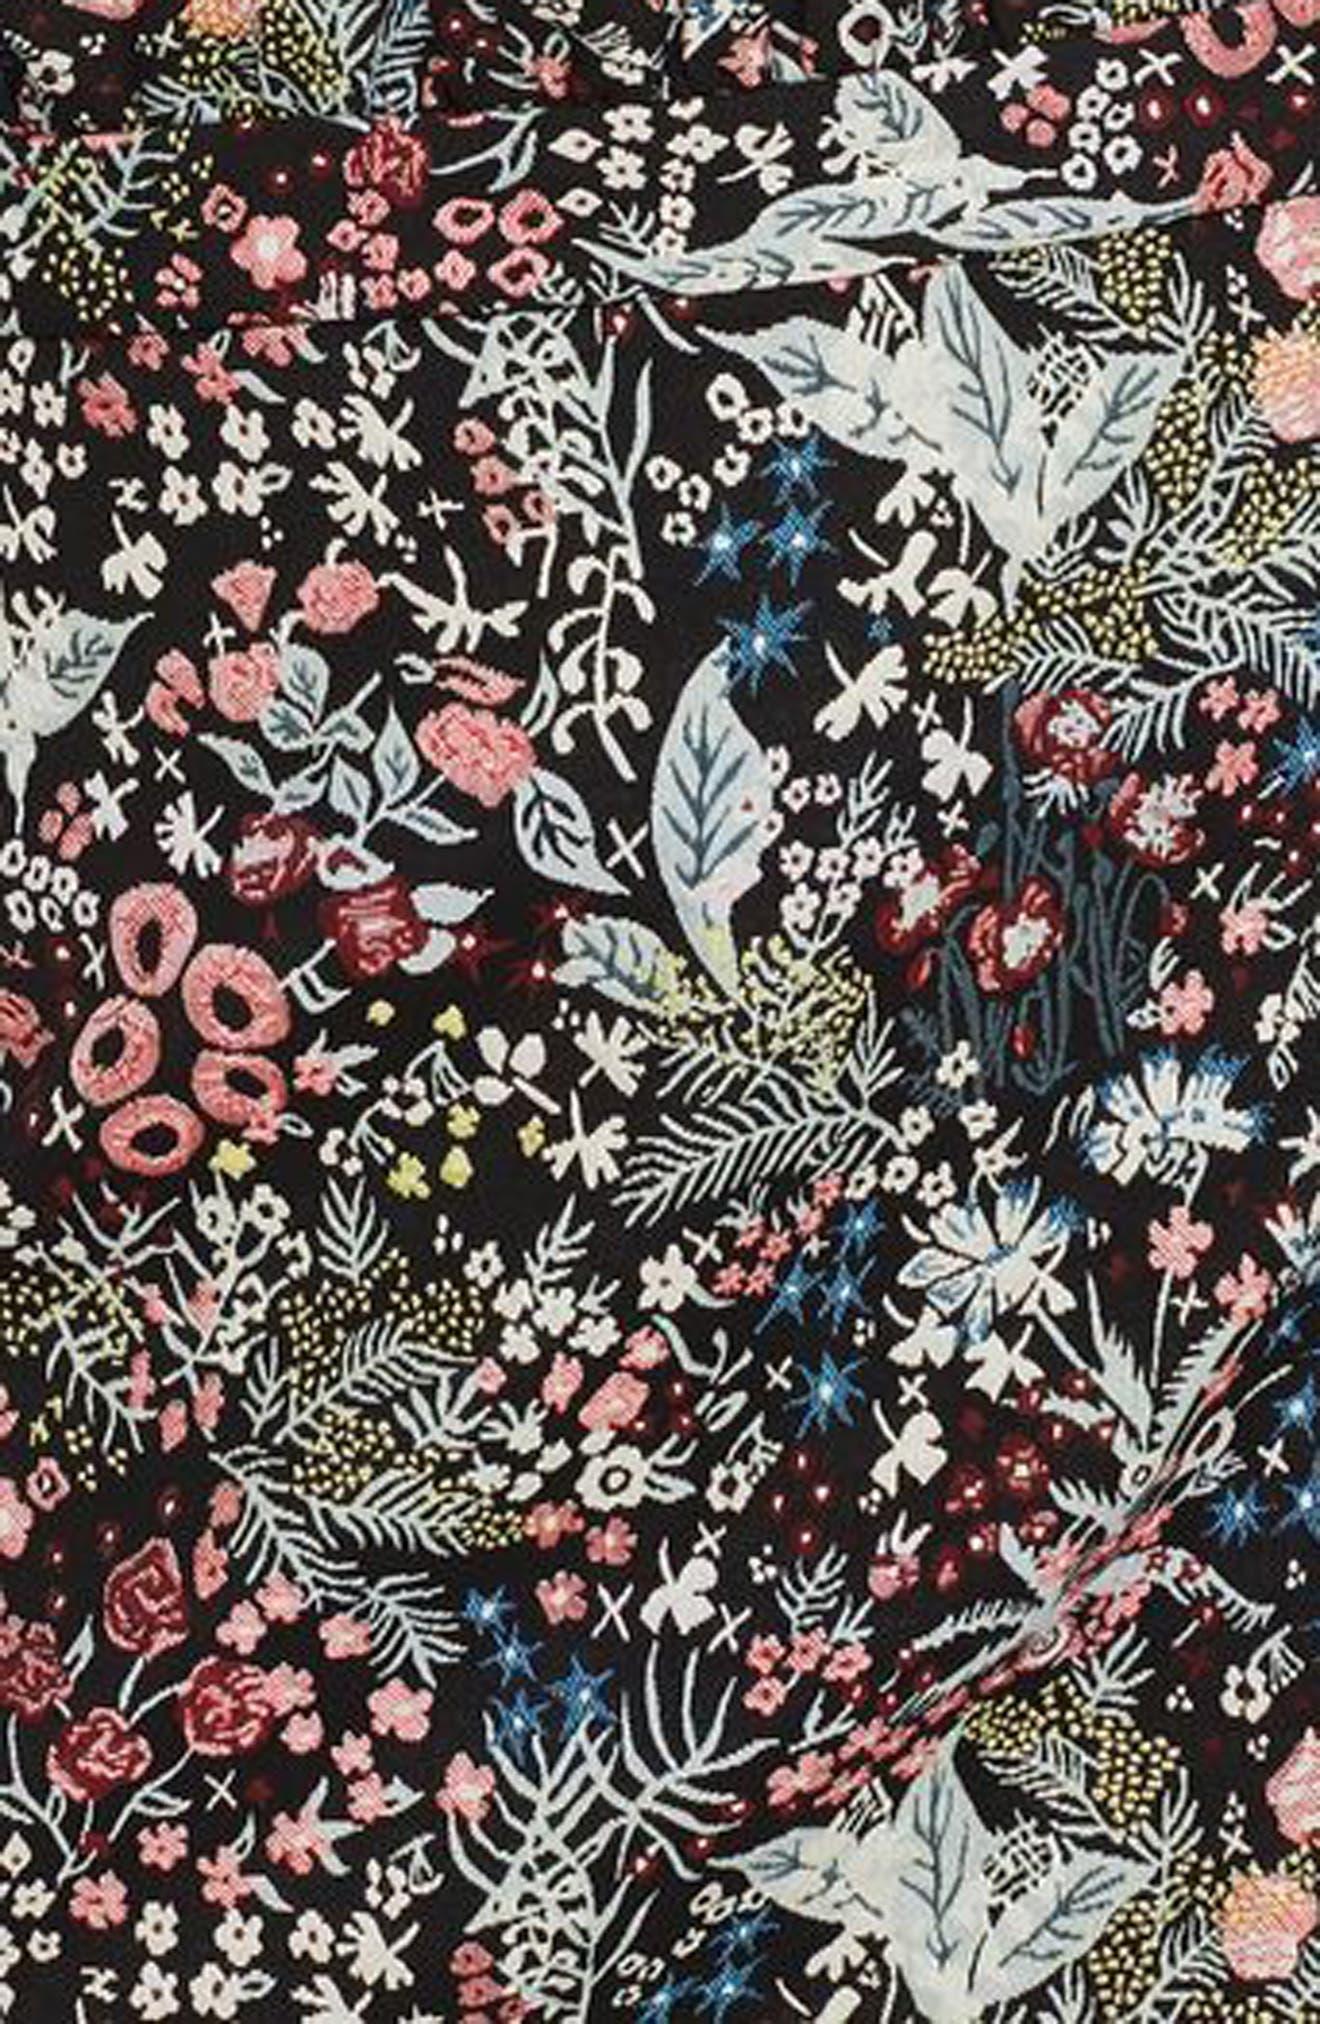 Woodland Jacquard Skirt,                             Alternate thumbnail 3, color,                             Black Multi